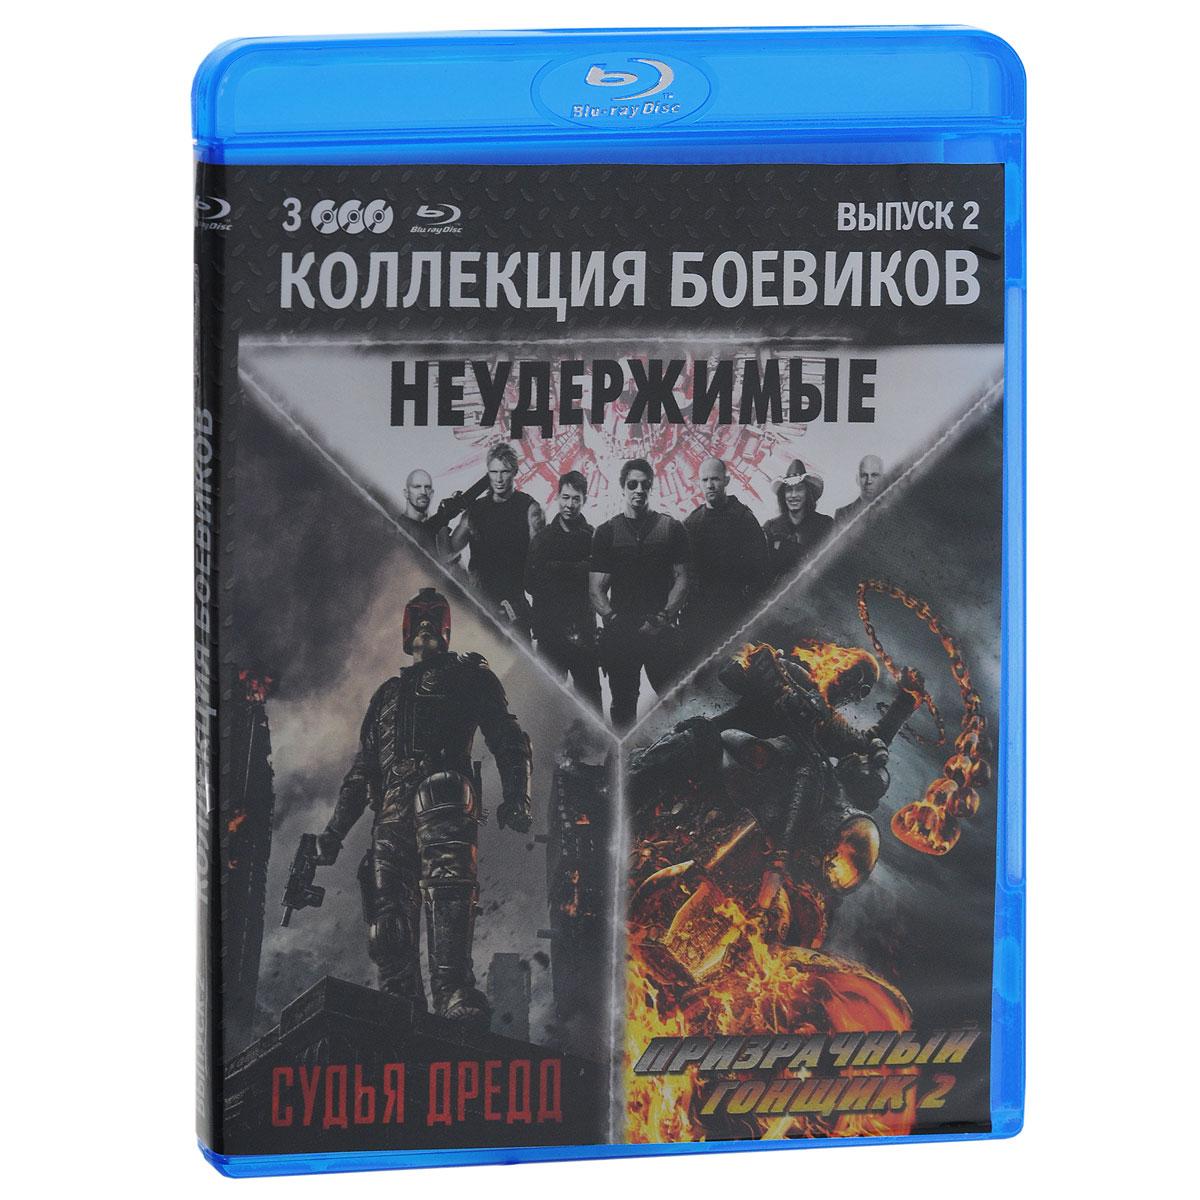 Неудержимые / Судья Дредд Призрачный гонщик 2 (3 Blu-ray)